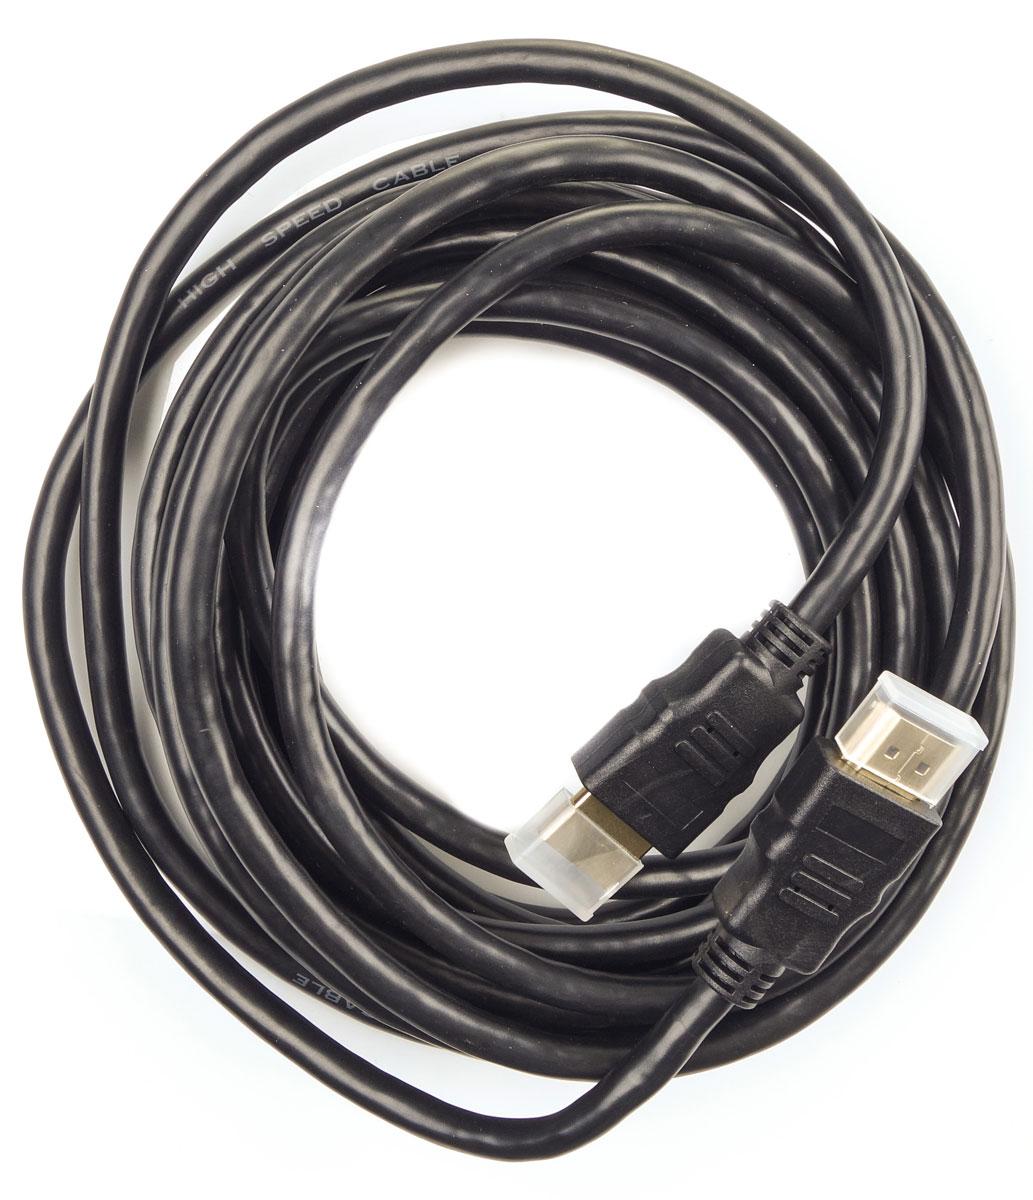 OLTO CHM-250 кабель HDMI, 5 мO00000518Кабель OLTO CHM-250 служит для соединения Blu-ray проигрывателей, компьютеров, спутниковых ресиверов, PlayStation, DVB-T приставок к телевизорам, мониторам, проекторам и прочим устройствам с HDMI входом. Технологии, интегрированные в CHM-250, обеспечивают повышенную плавность картинки на экране, максимально четкое звучание и минимизацию потери сигнала.